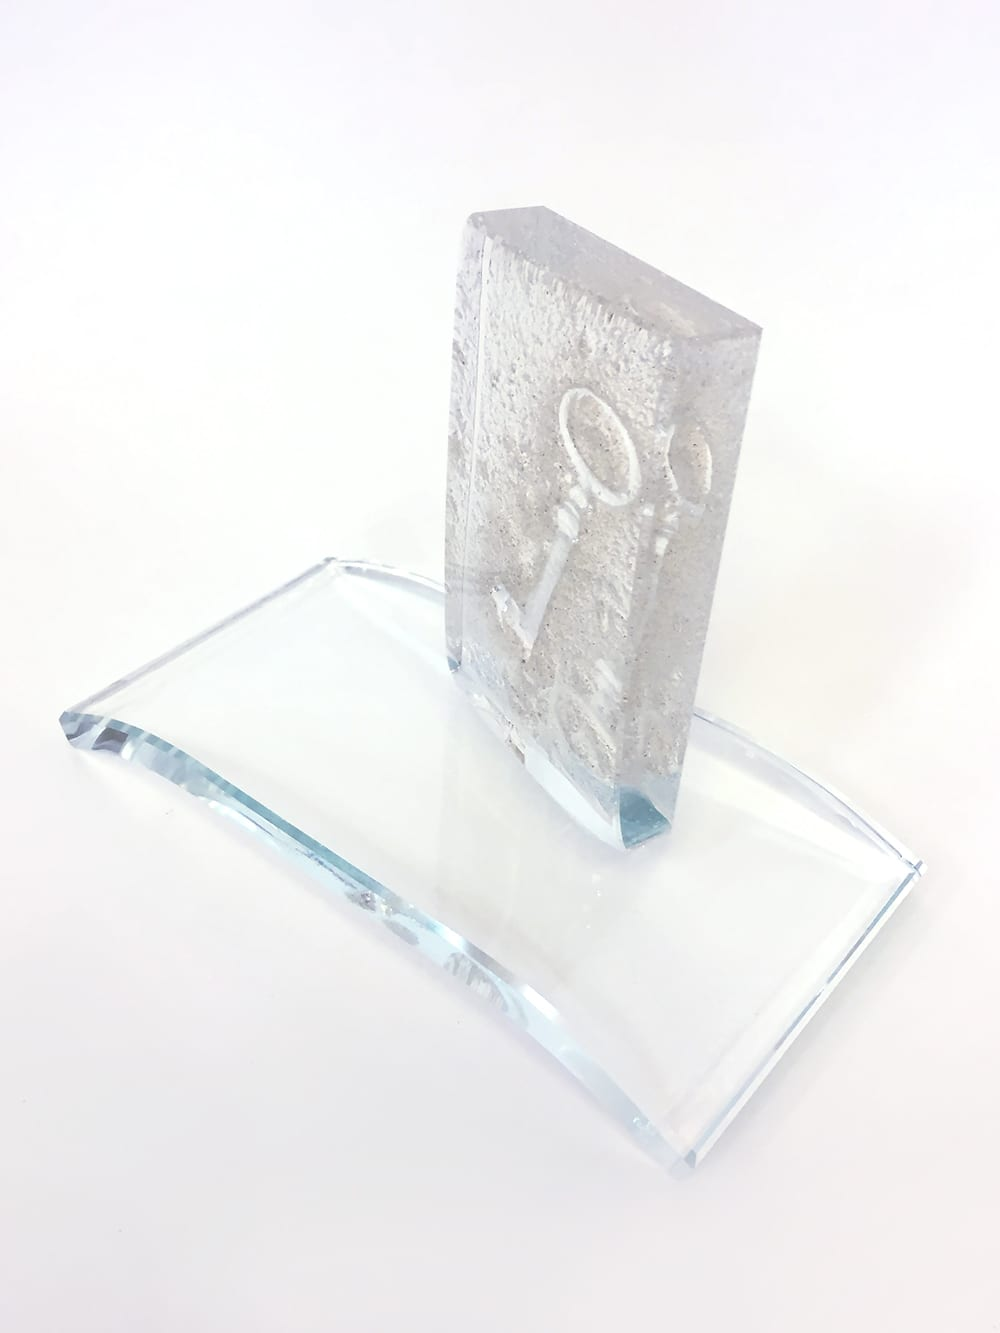 Награды и кубки из стекла. Уникальный стеклянный трофей с отпечатком ключа. Glass Point